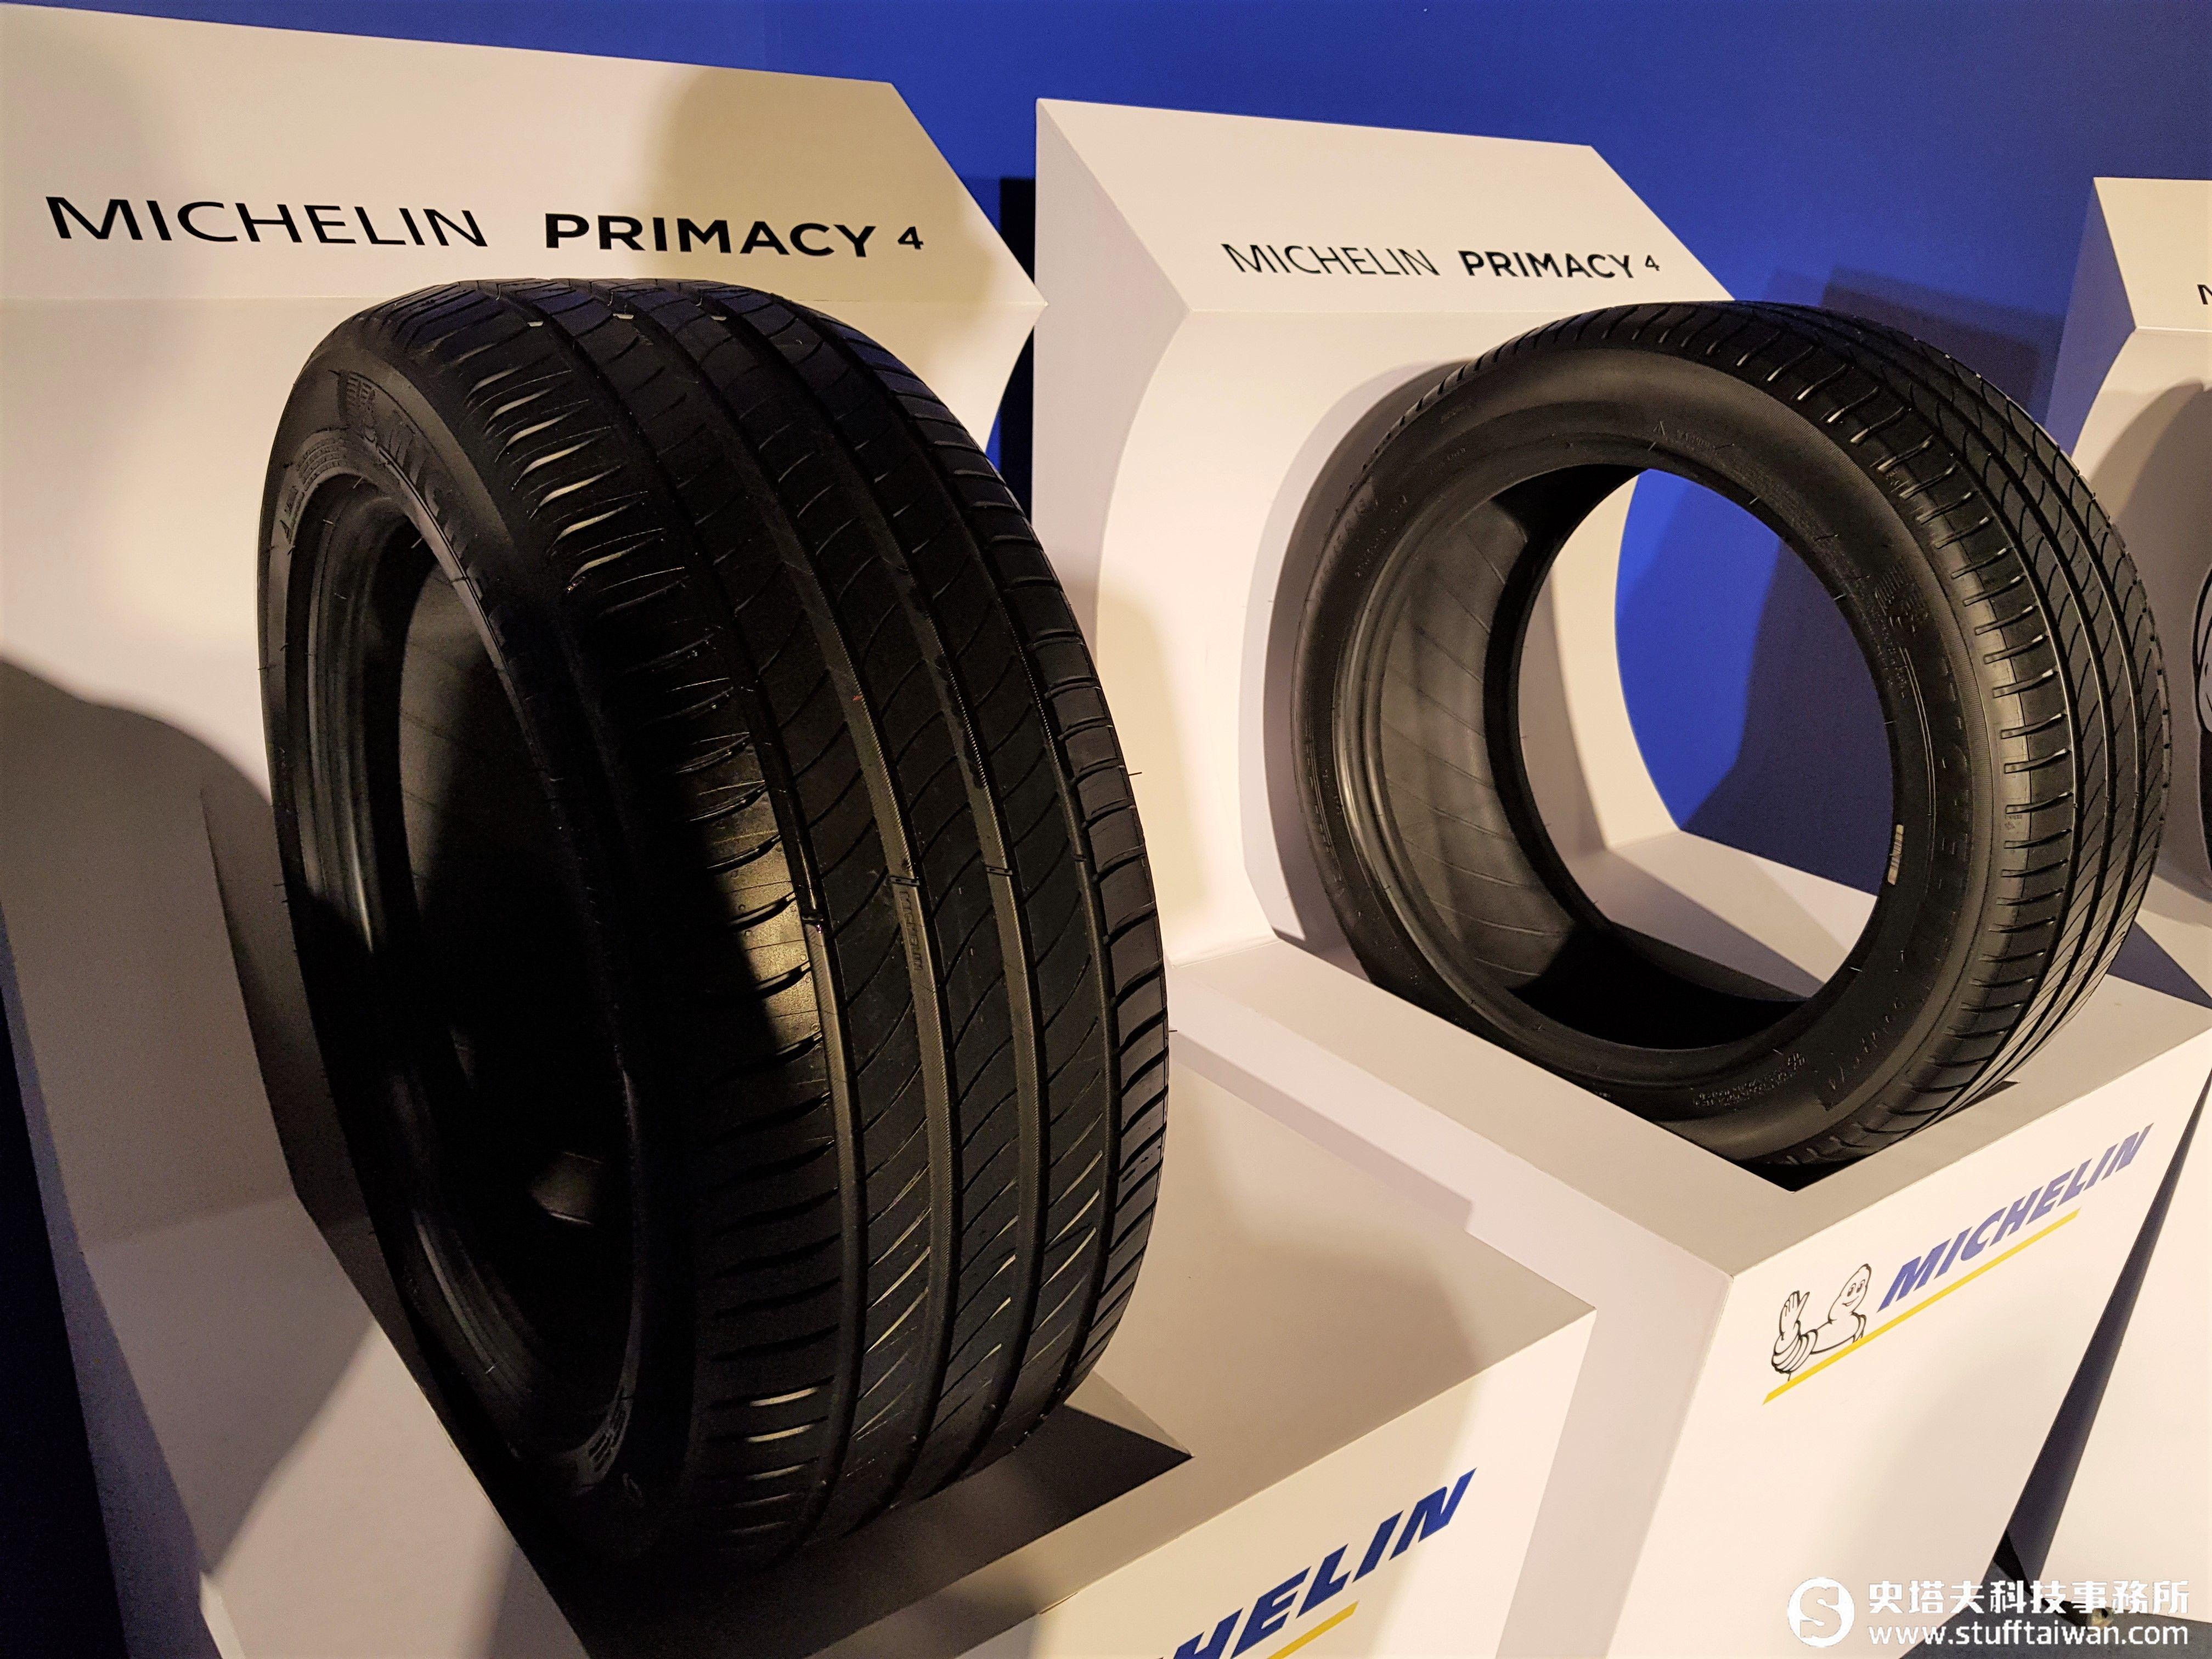 米其林全新MICHELIN PRIMACY 4輪胎 溼地制動、使用上里程上也更持久